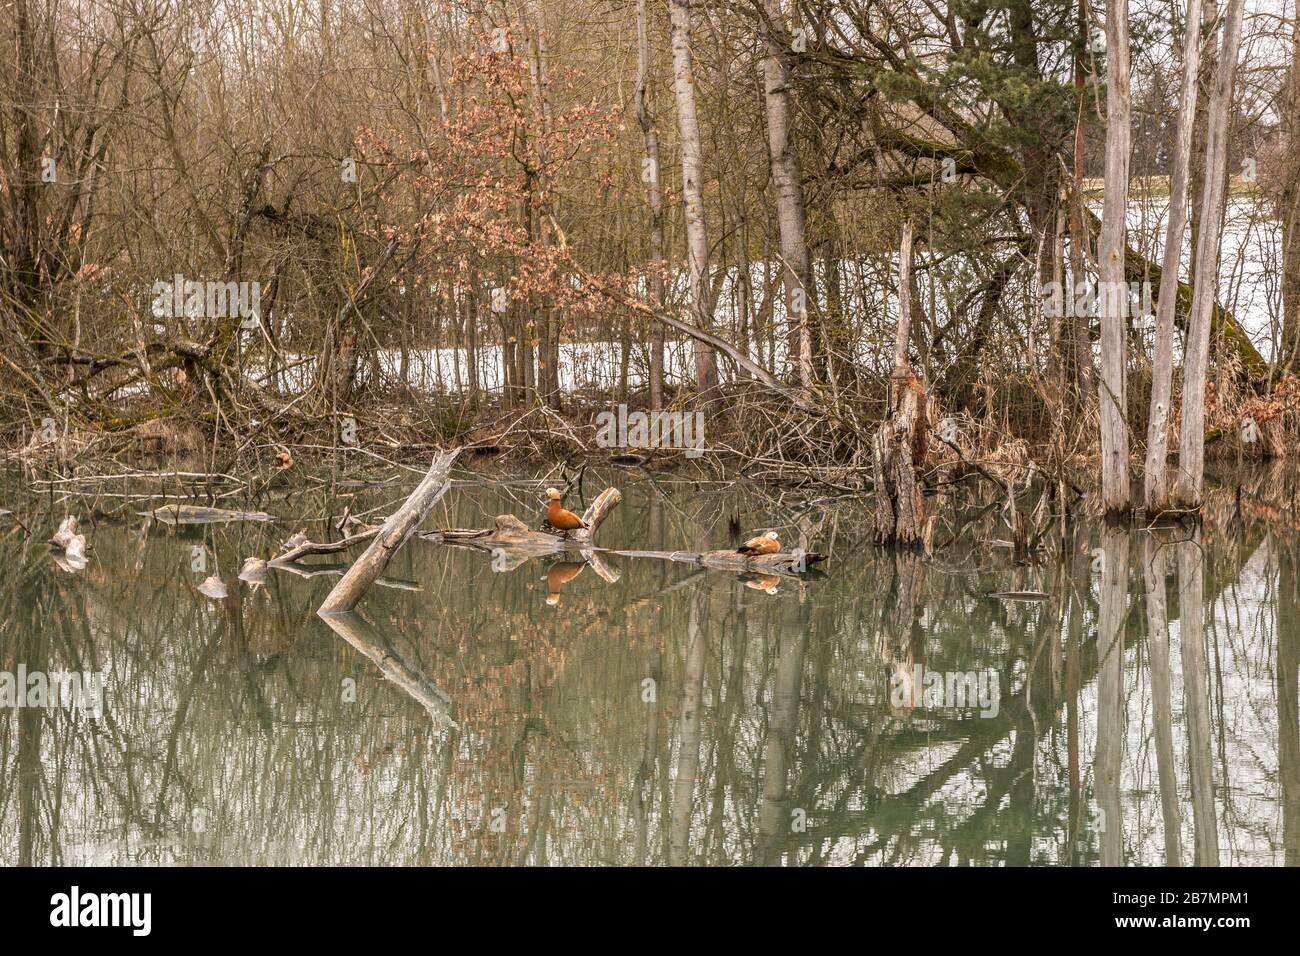 Wenig Wampland mit stagnierendem Wasser und durchbrochenen Bäumen Stockfoto